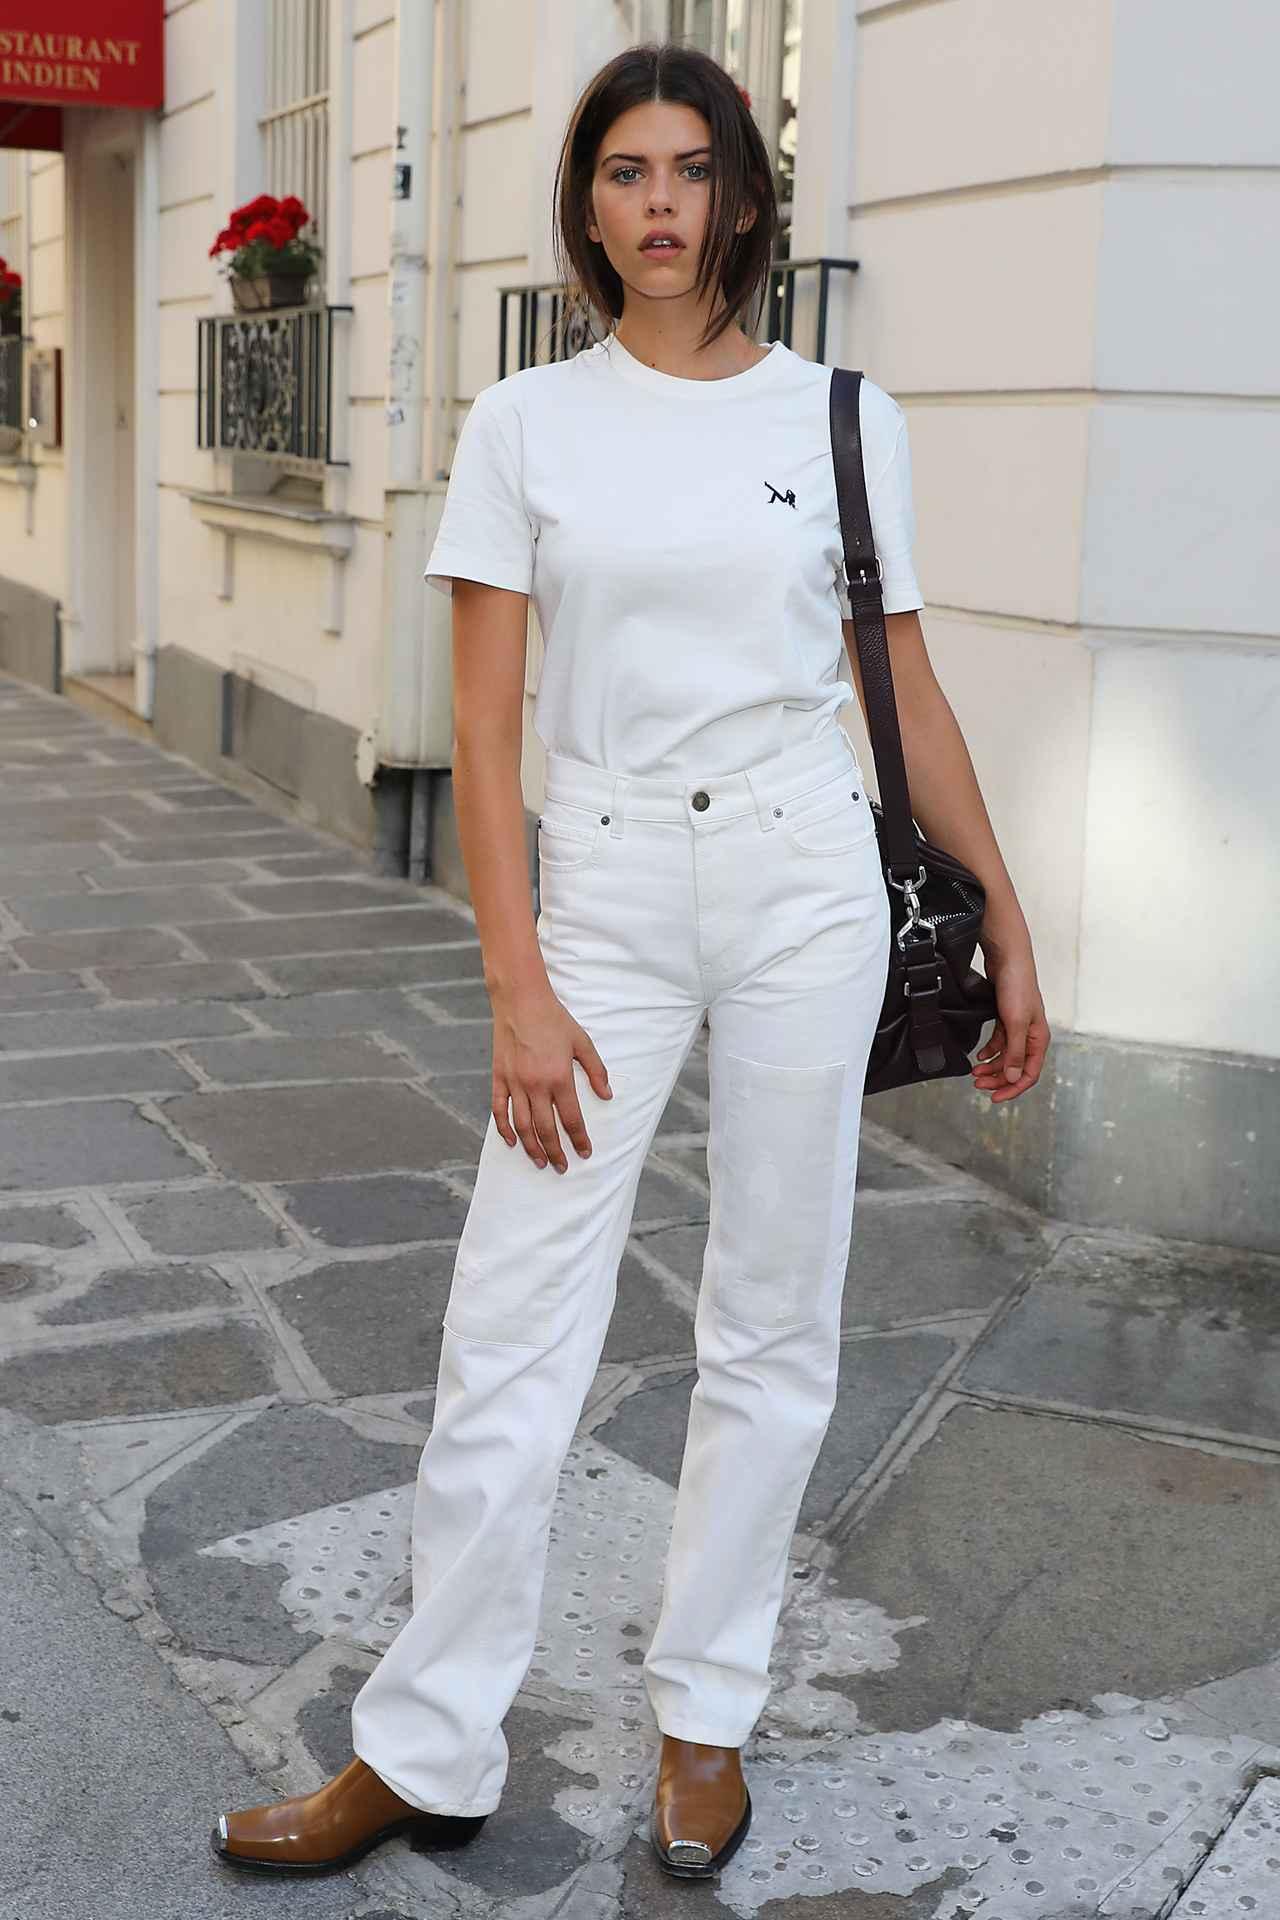 画像3 夏だからこそ挑戦したい!海外セレブの「ホワイトコーデ」を. ファッション